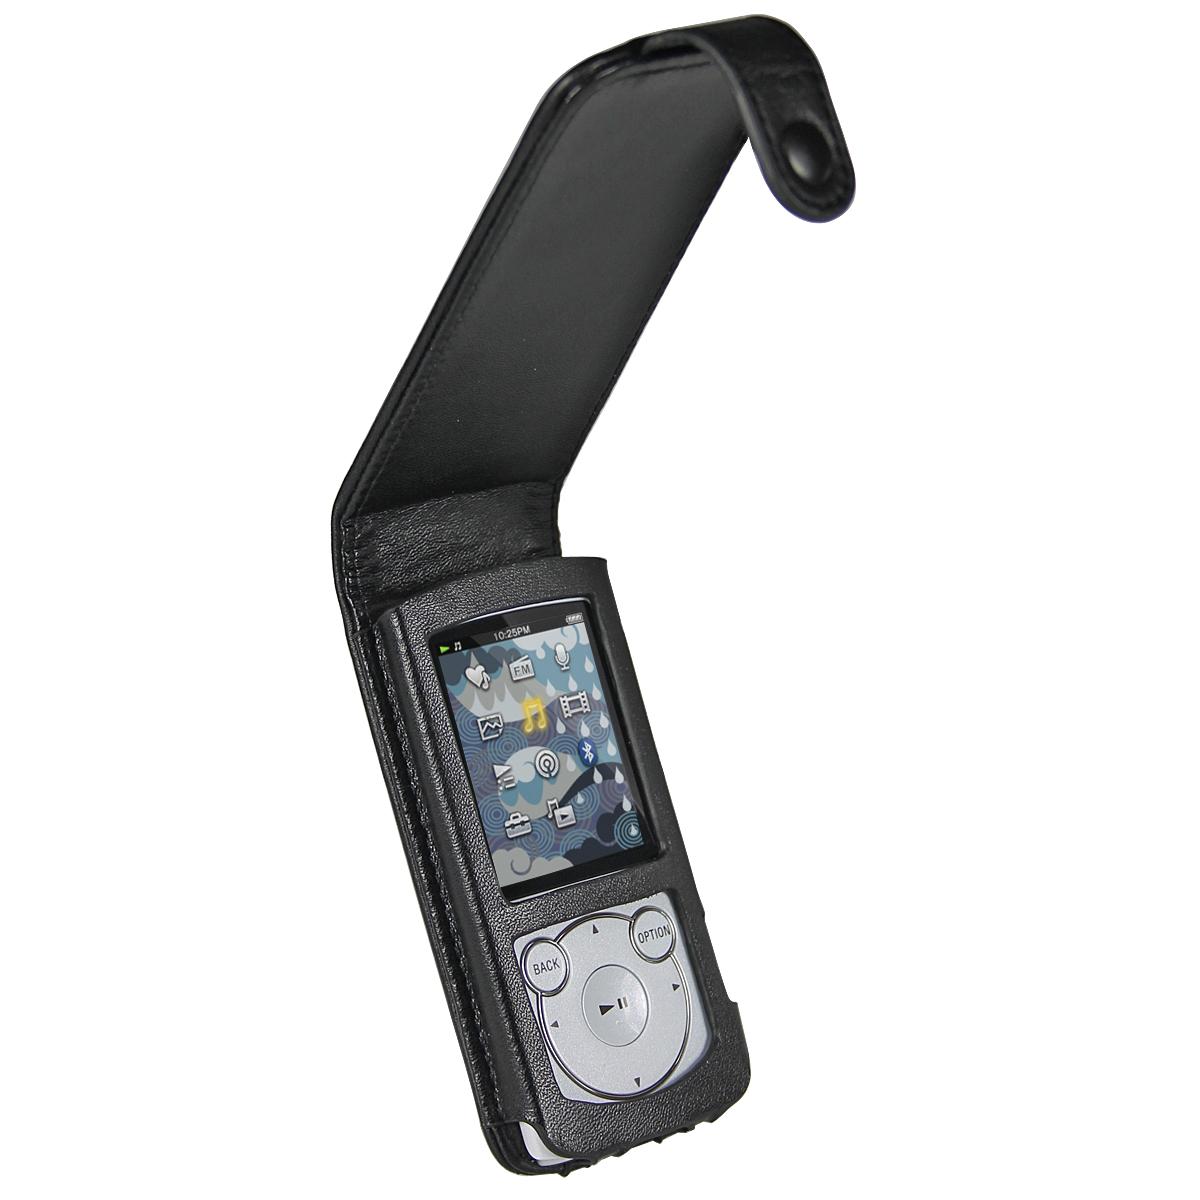 iGadgitz Black Genuine Leather Case Cover for Sony Walkman NWZ-S765 Series Video MP3 Player (NWZ-S765B, NWZ-S765W)